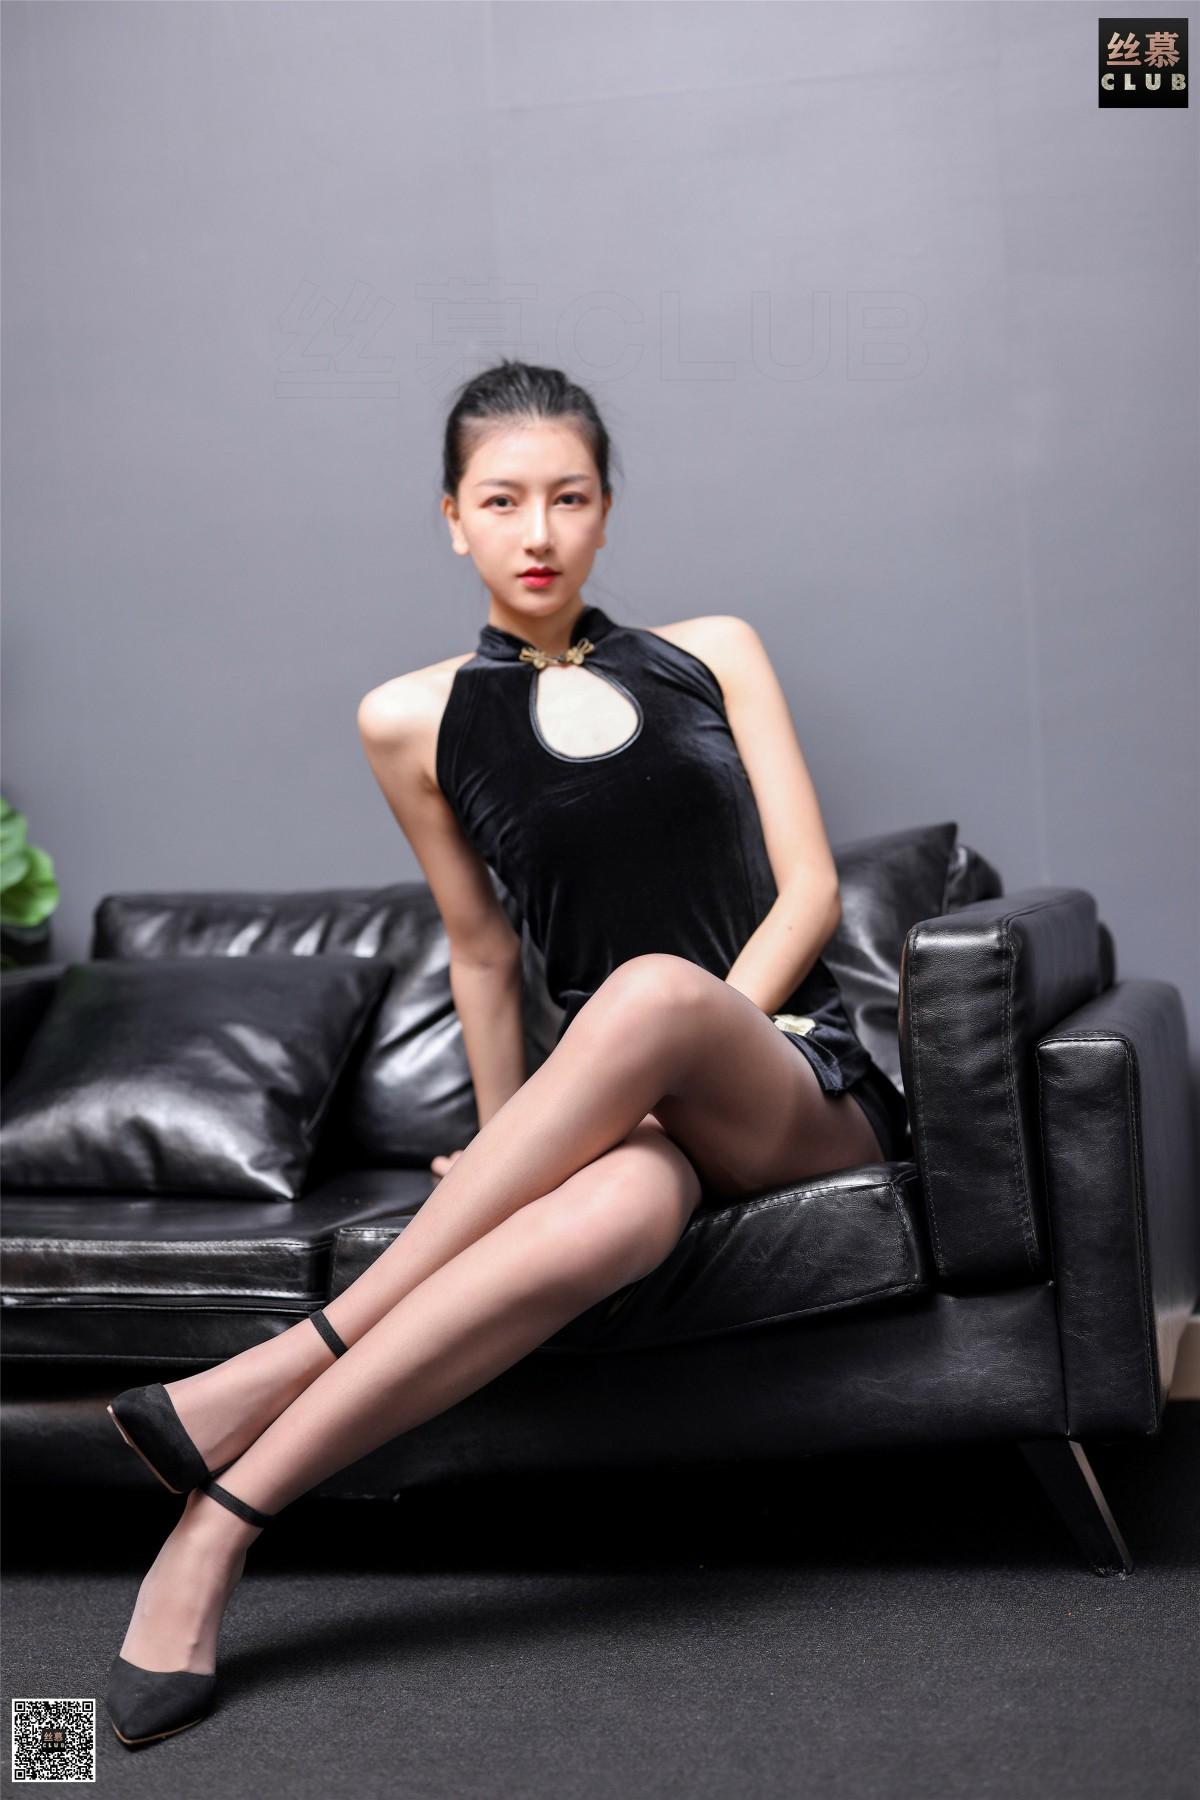 丝慕写真 SM183 茗茗 – 旗丝欲袍 第4张